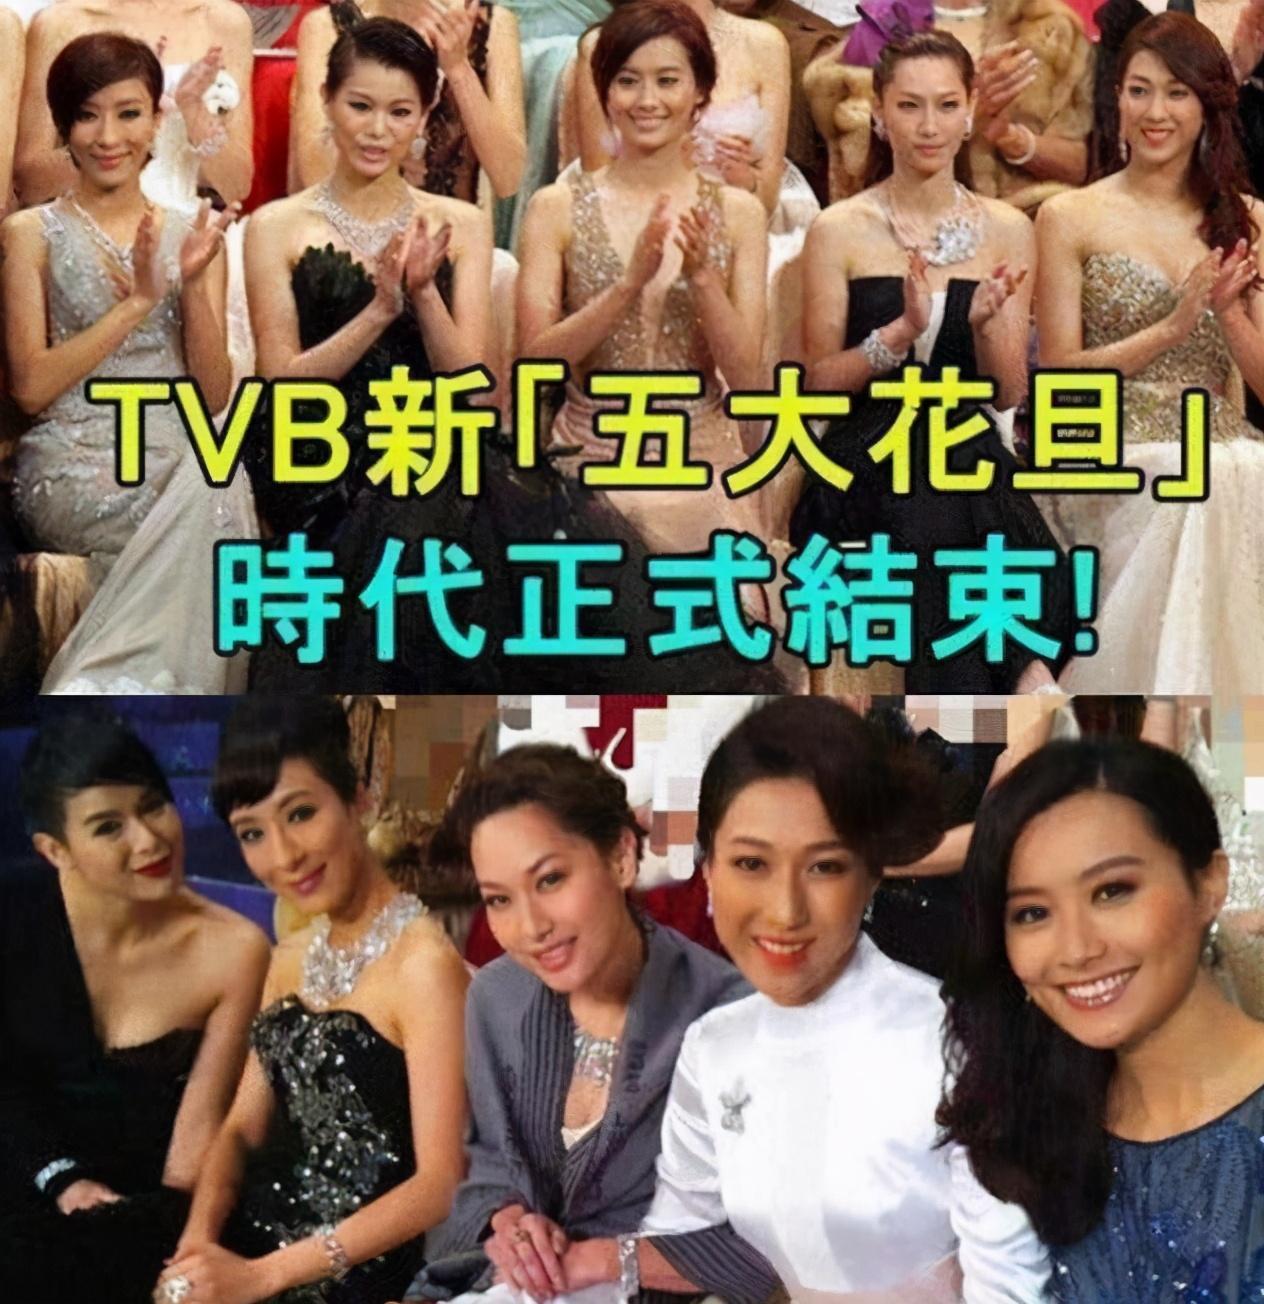 TVB五大花旦的时代结束?钟嘉欣宣布息影,婚后三年抱俩无心拍戏